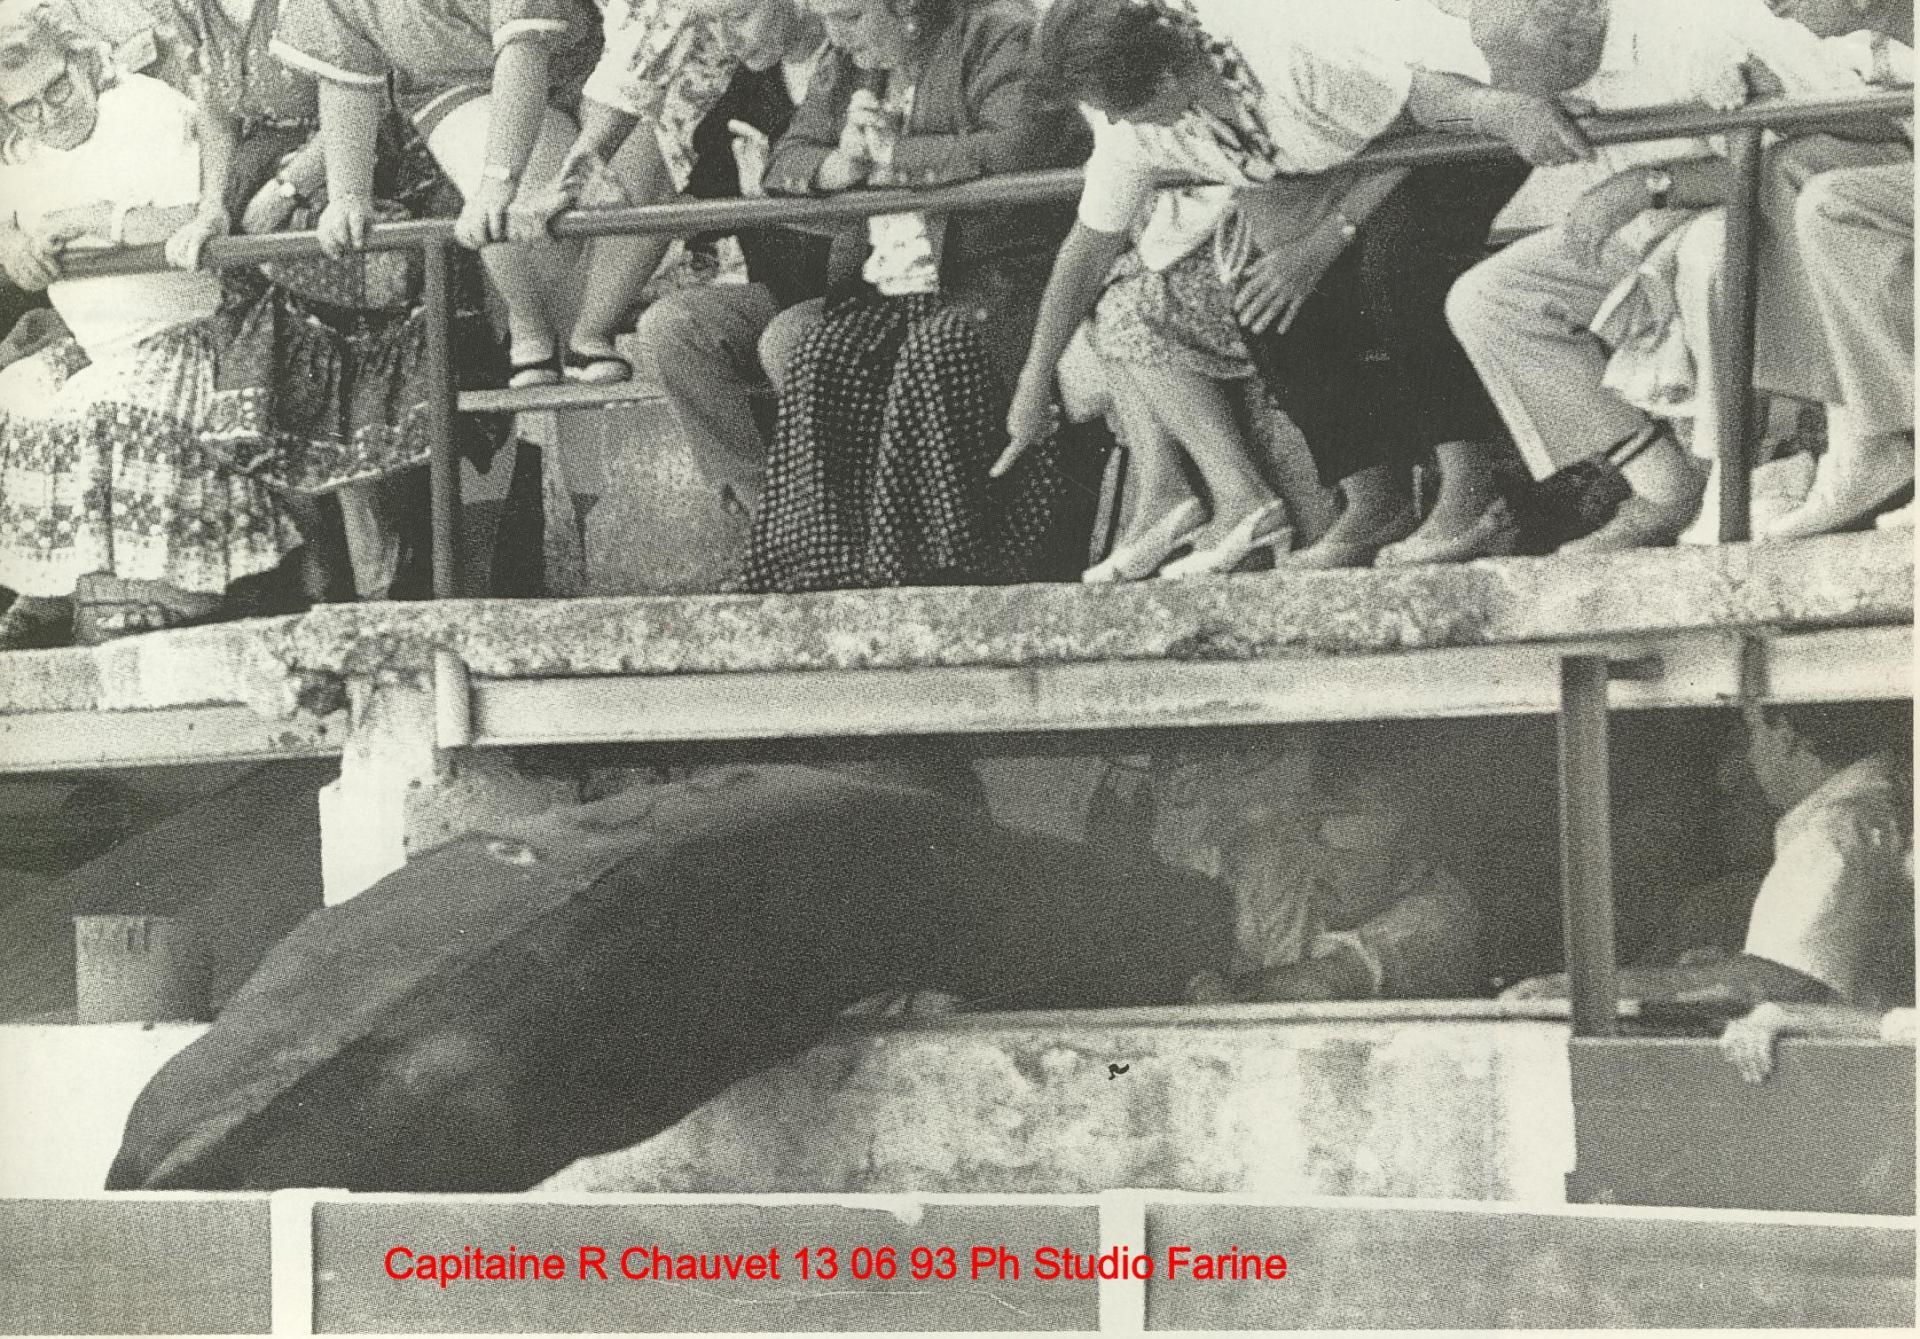 Capitaine r chauvet buvette 13 06 93